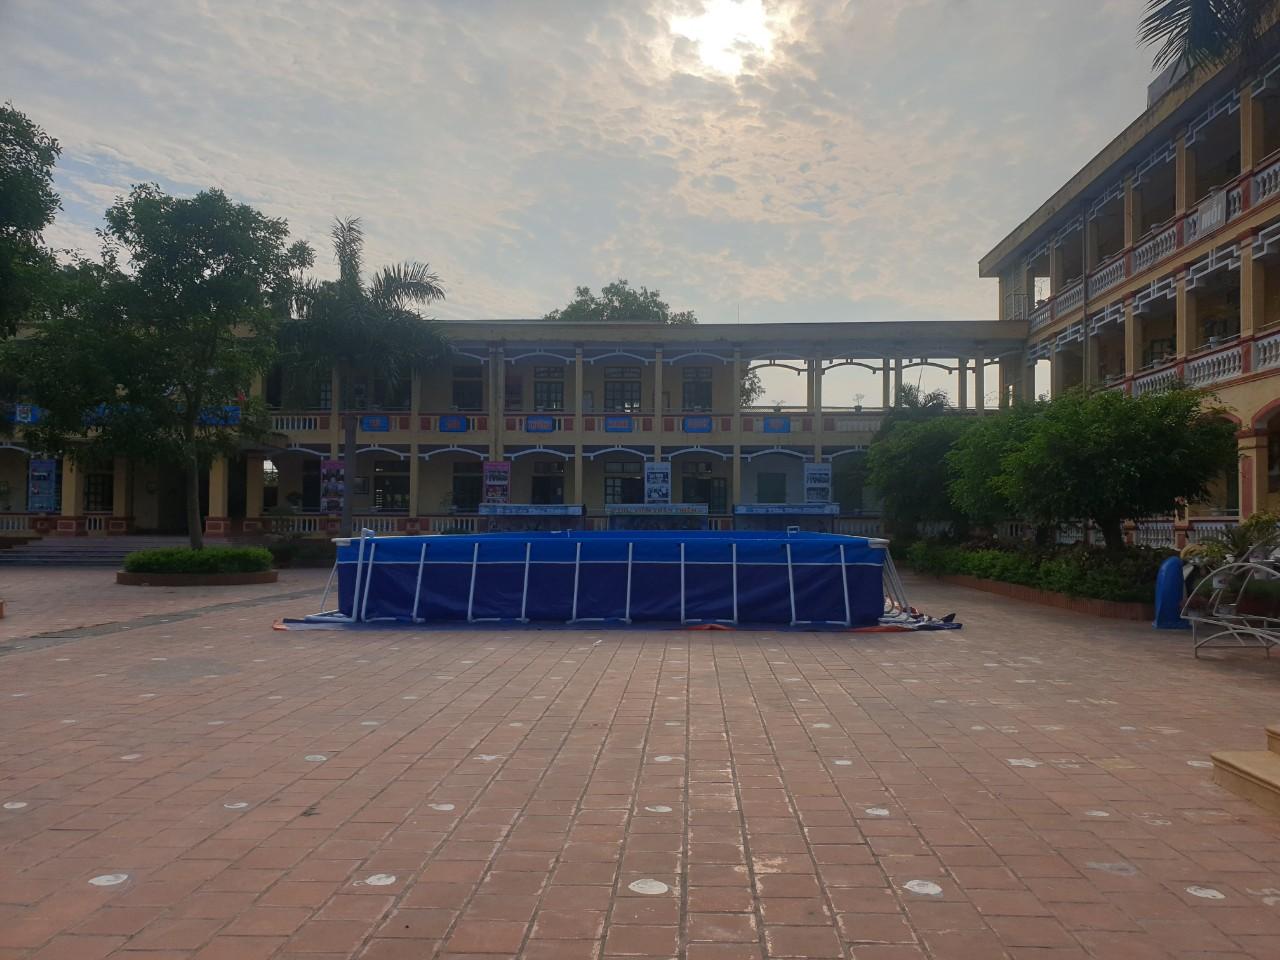 hồ bơi sân trường góc nhìn từ xa